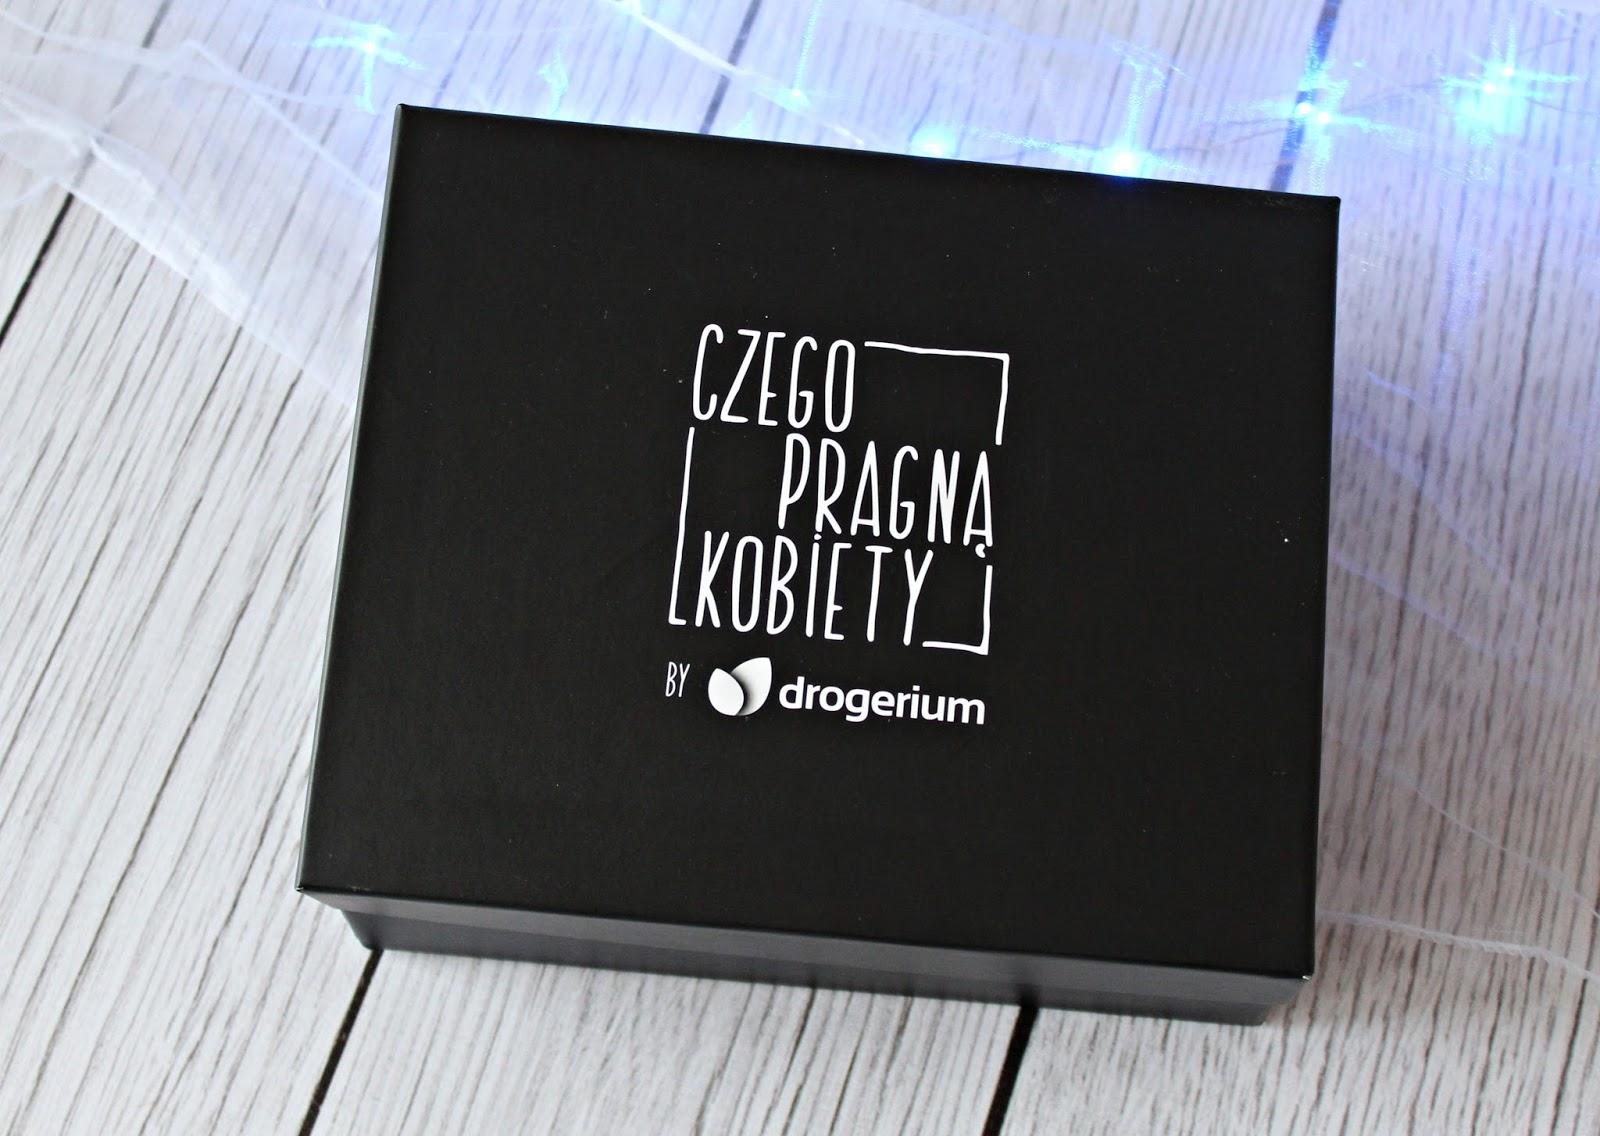 Czego Pragną Kobiety - box by Drogerium.pl - UNBOXING - Skomponuj swoje pudełko sama!